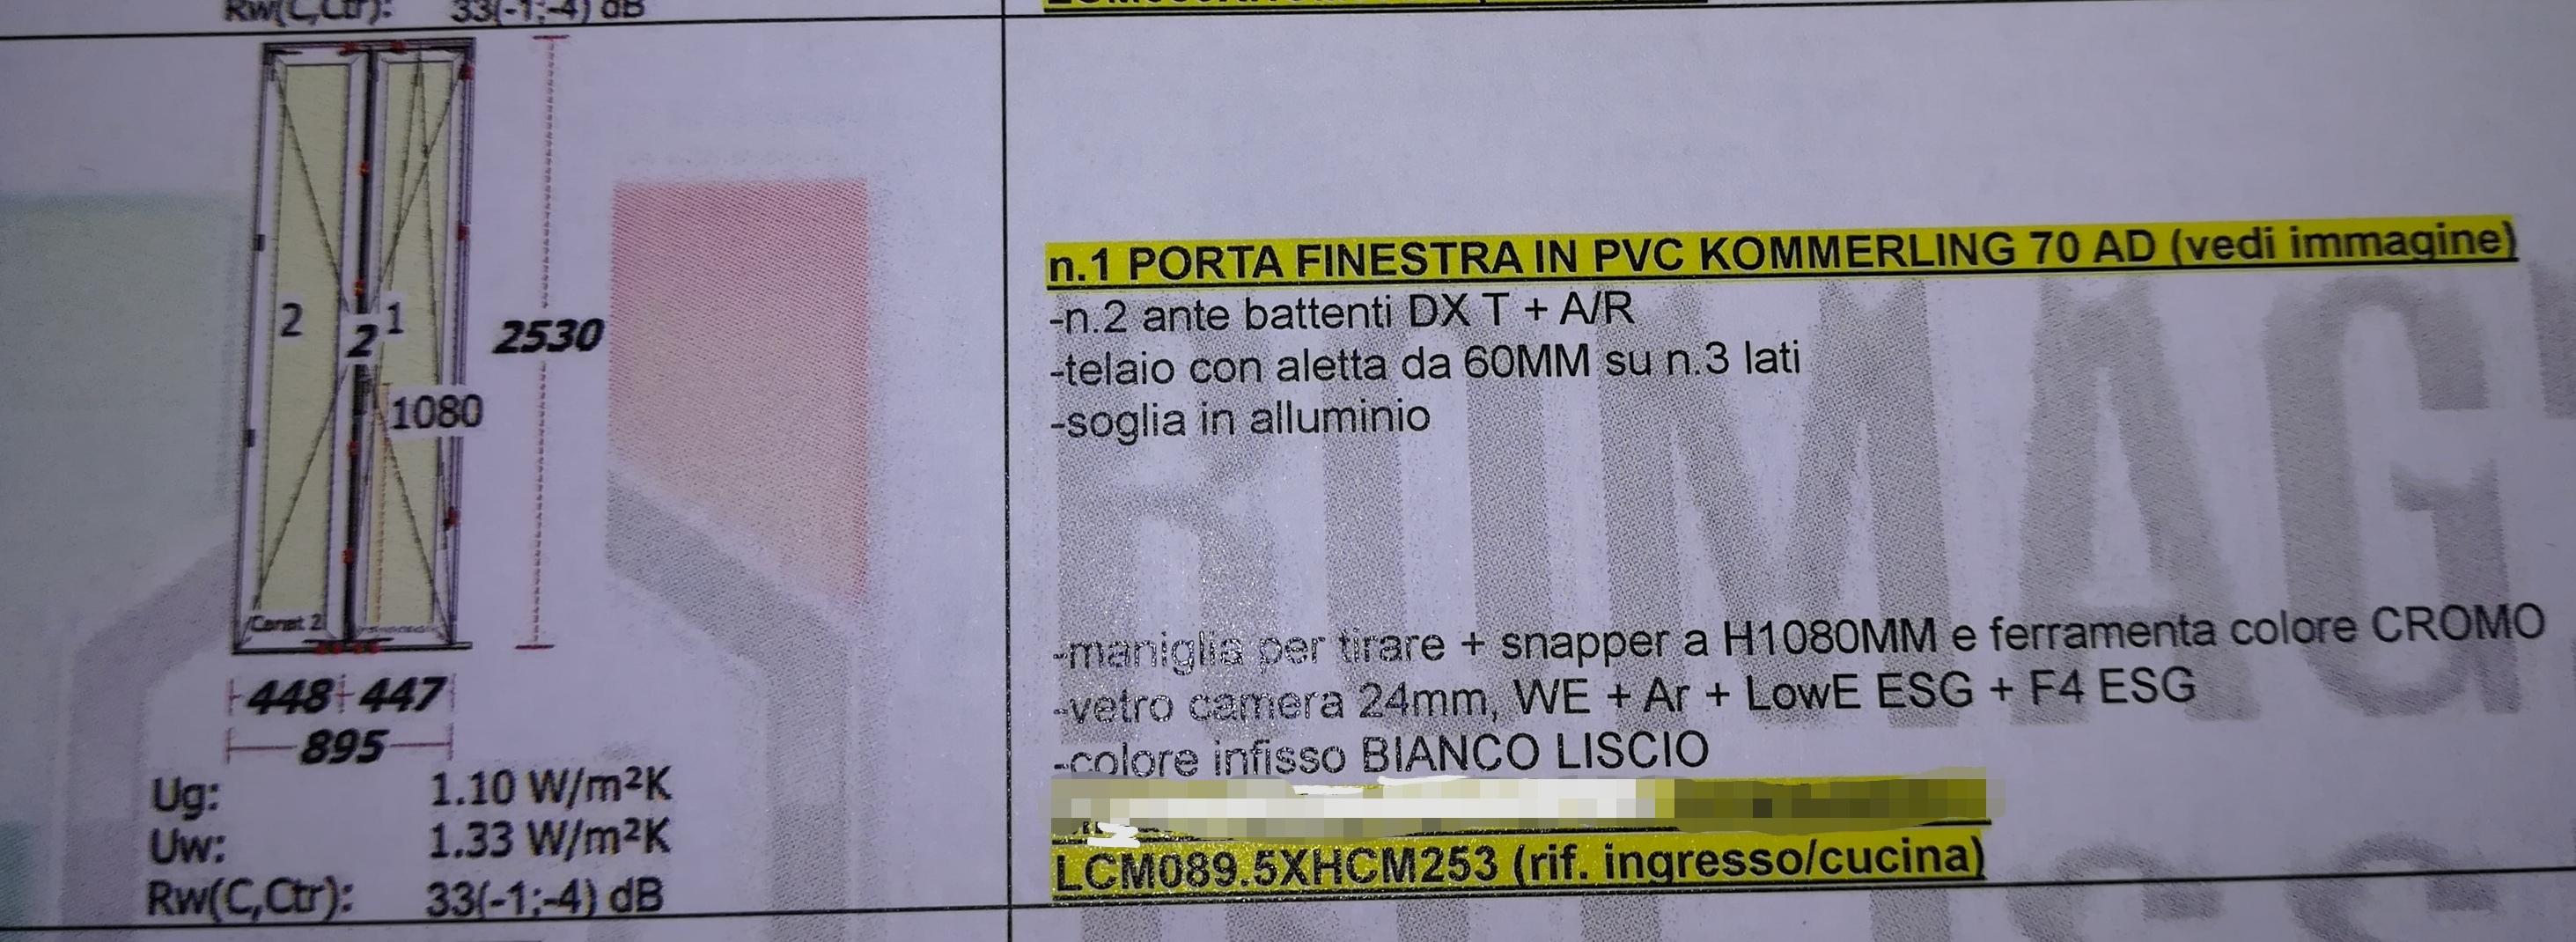 Portafinestra e persiana misure 895x2530